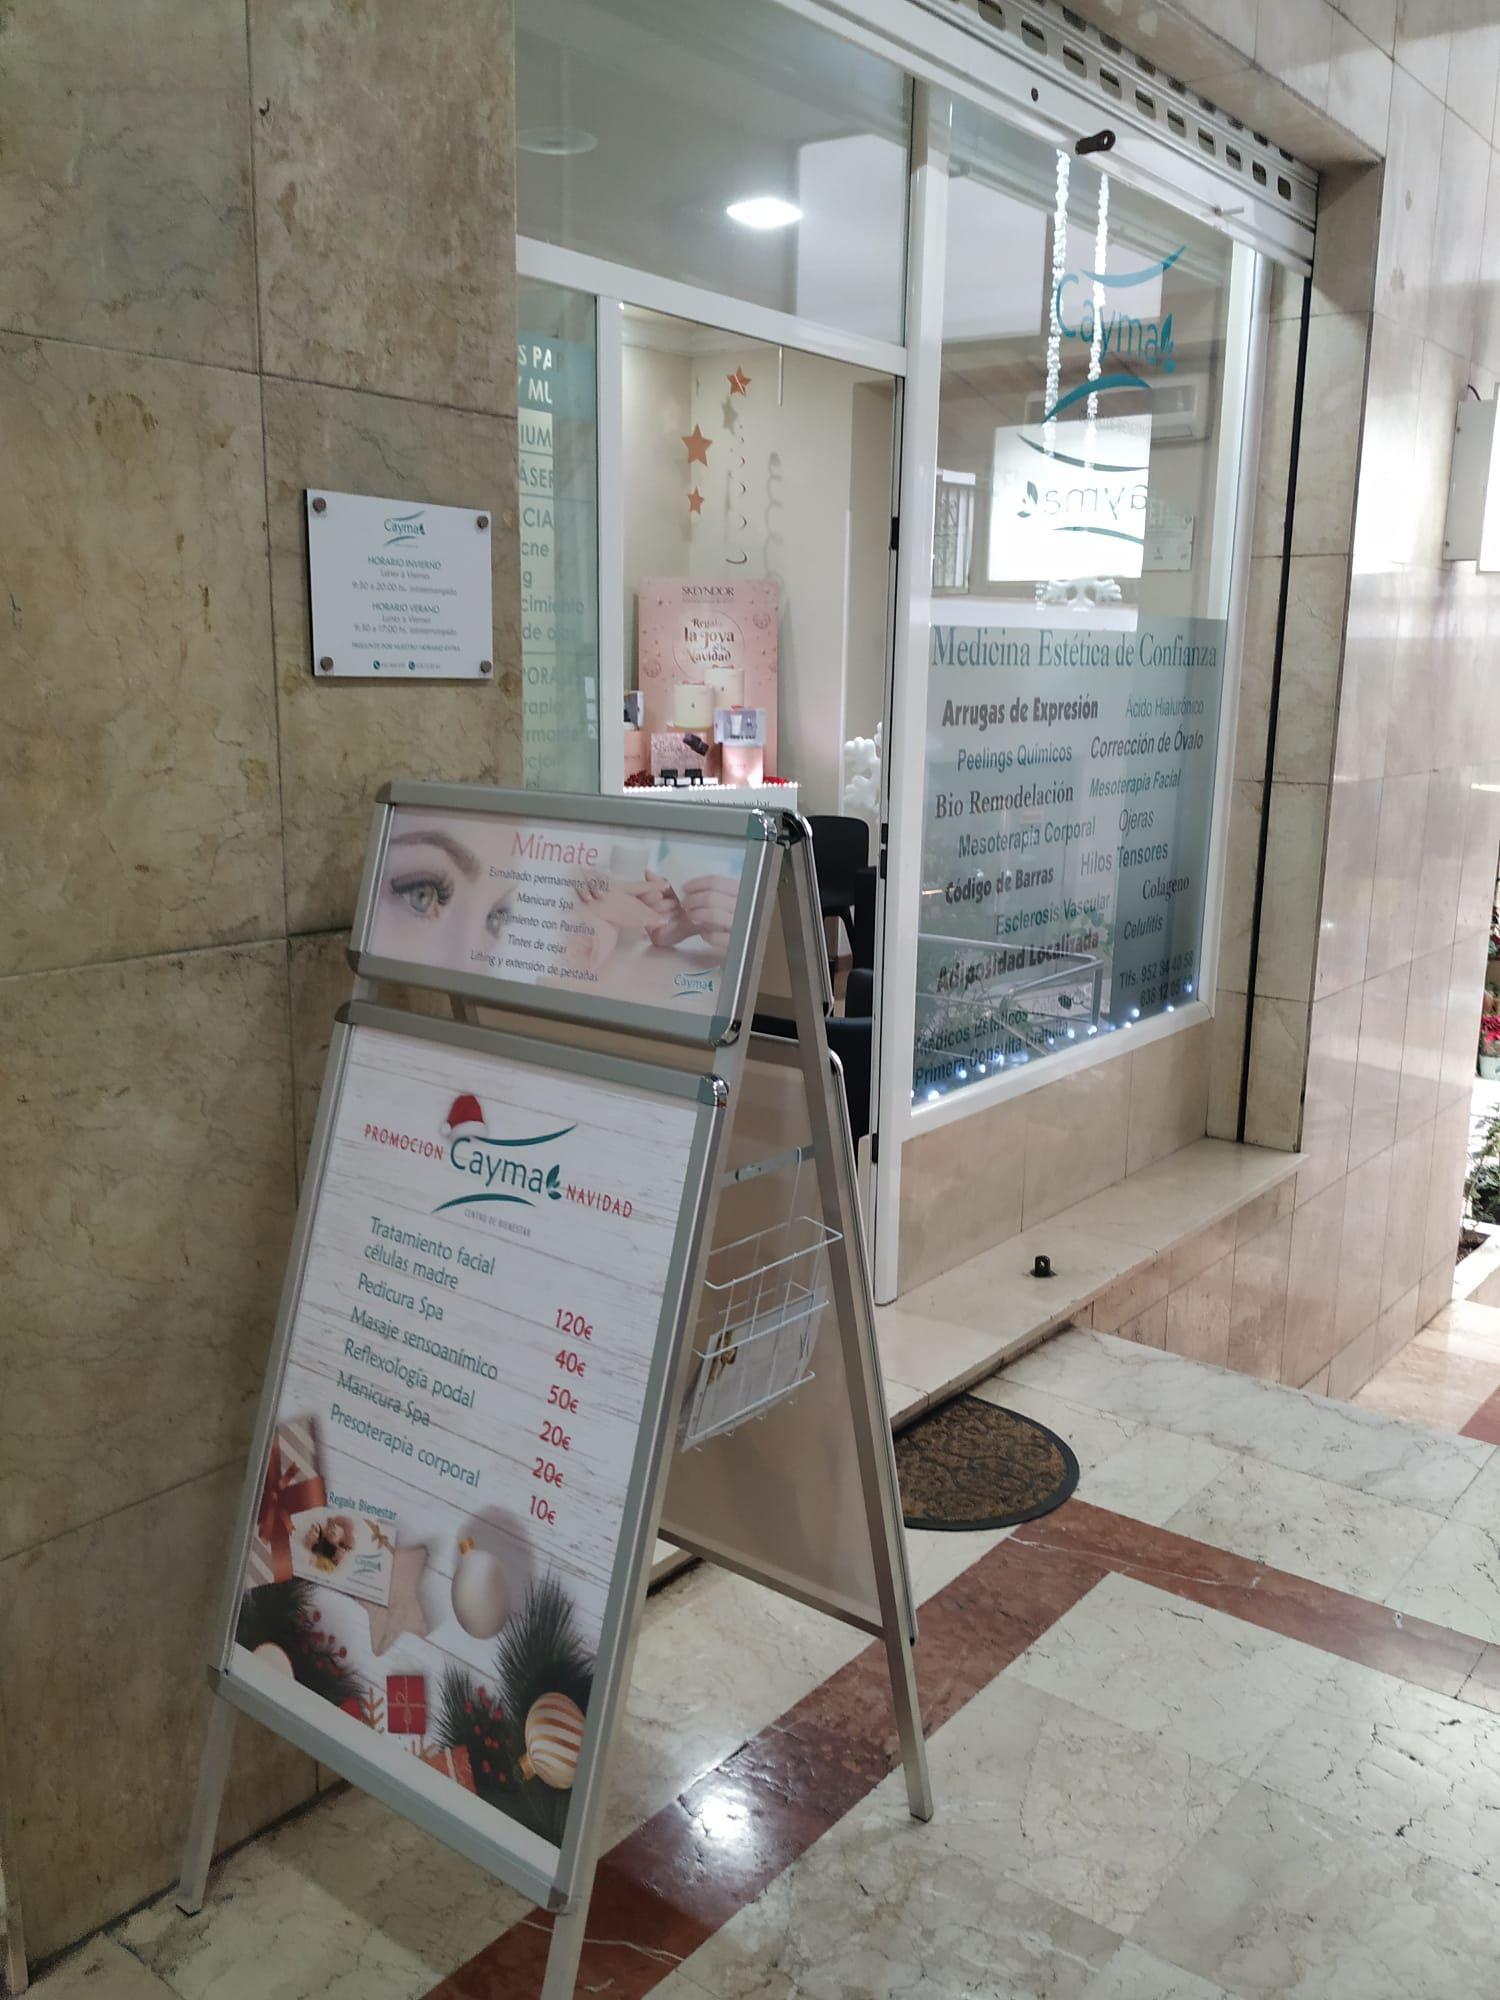 Foto 7 de Centro de bienestar y salud en Antequera | Centro Bienestar y Salud Cayma